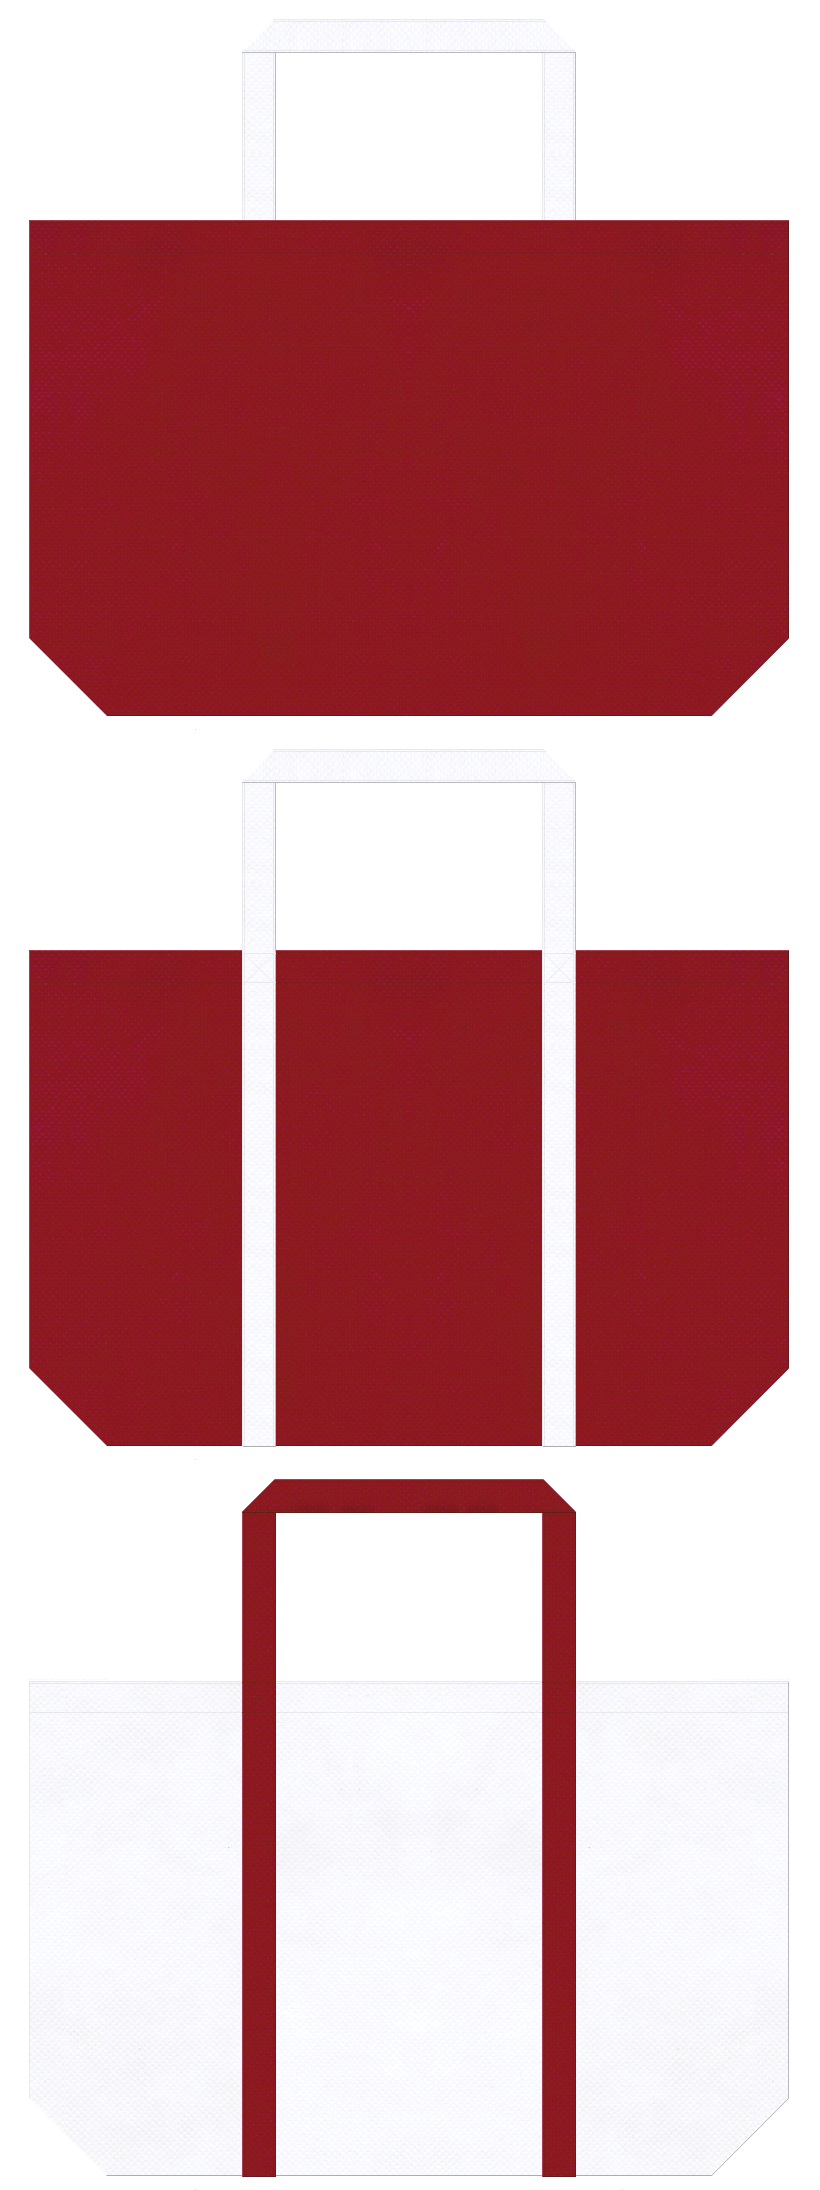 献血・病院・医療機器・救急用品・クリスマスセールにお奨め:エンジ色と白色の不織布ショッピングバッグのデザイン